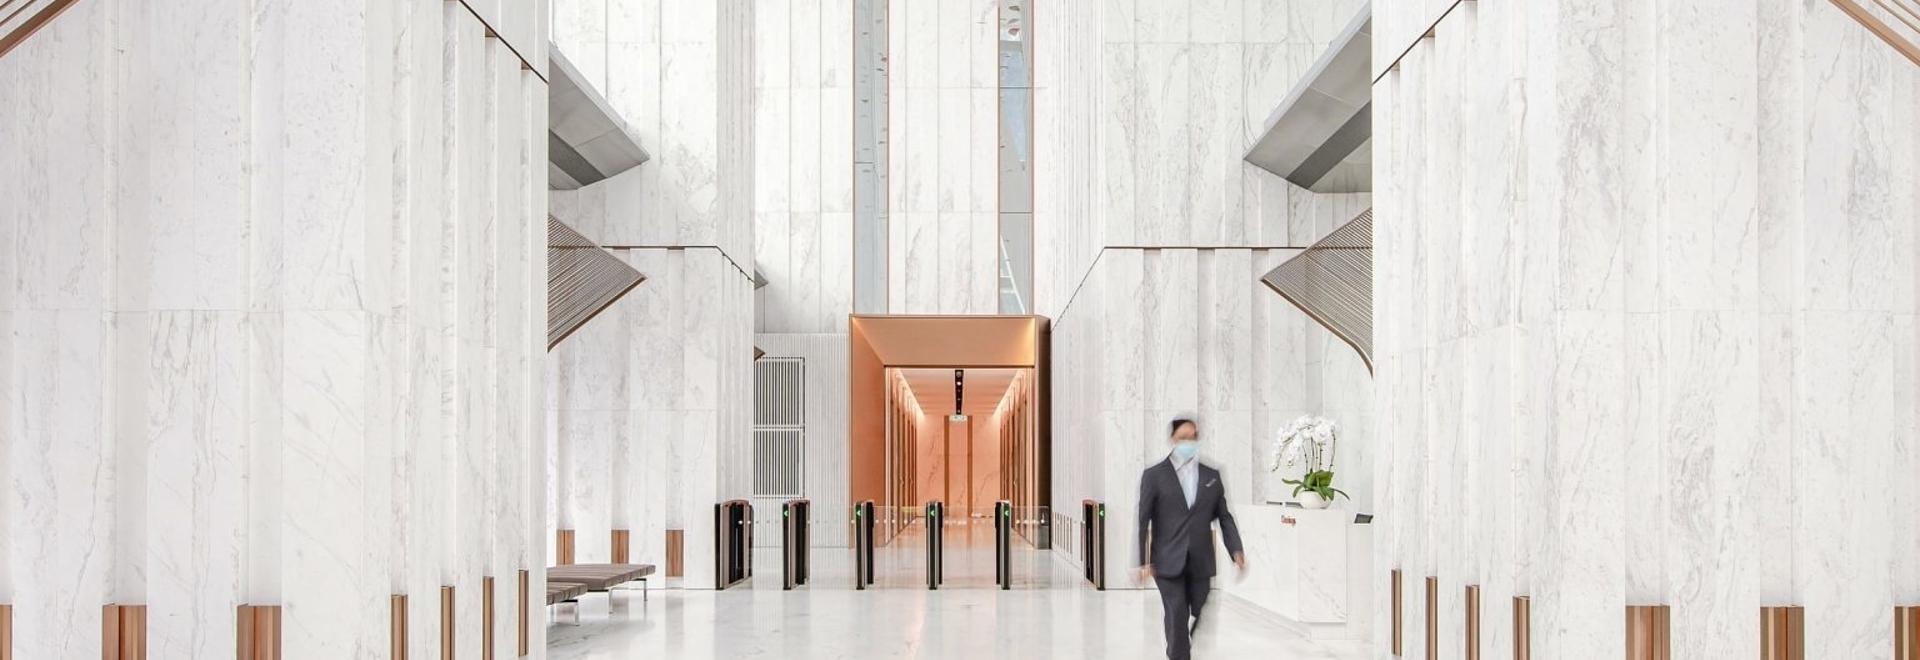 The office's entrance lobby